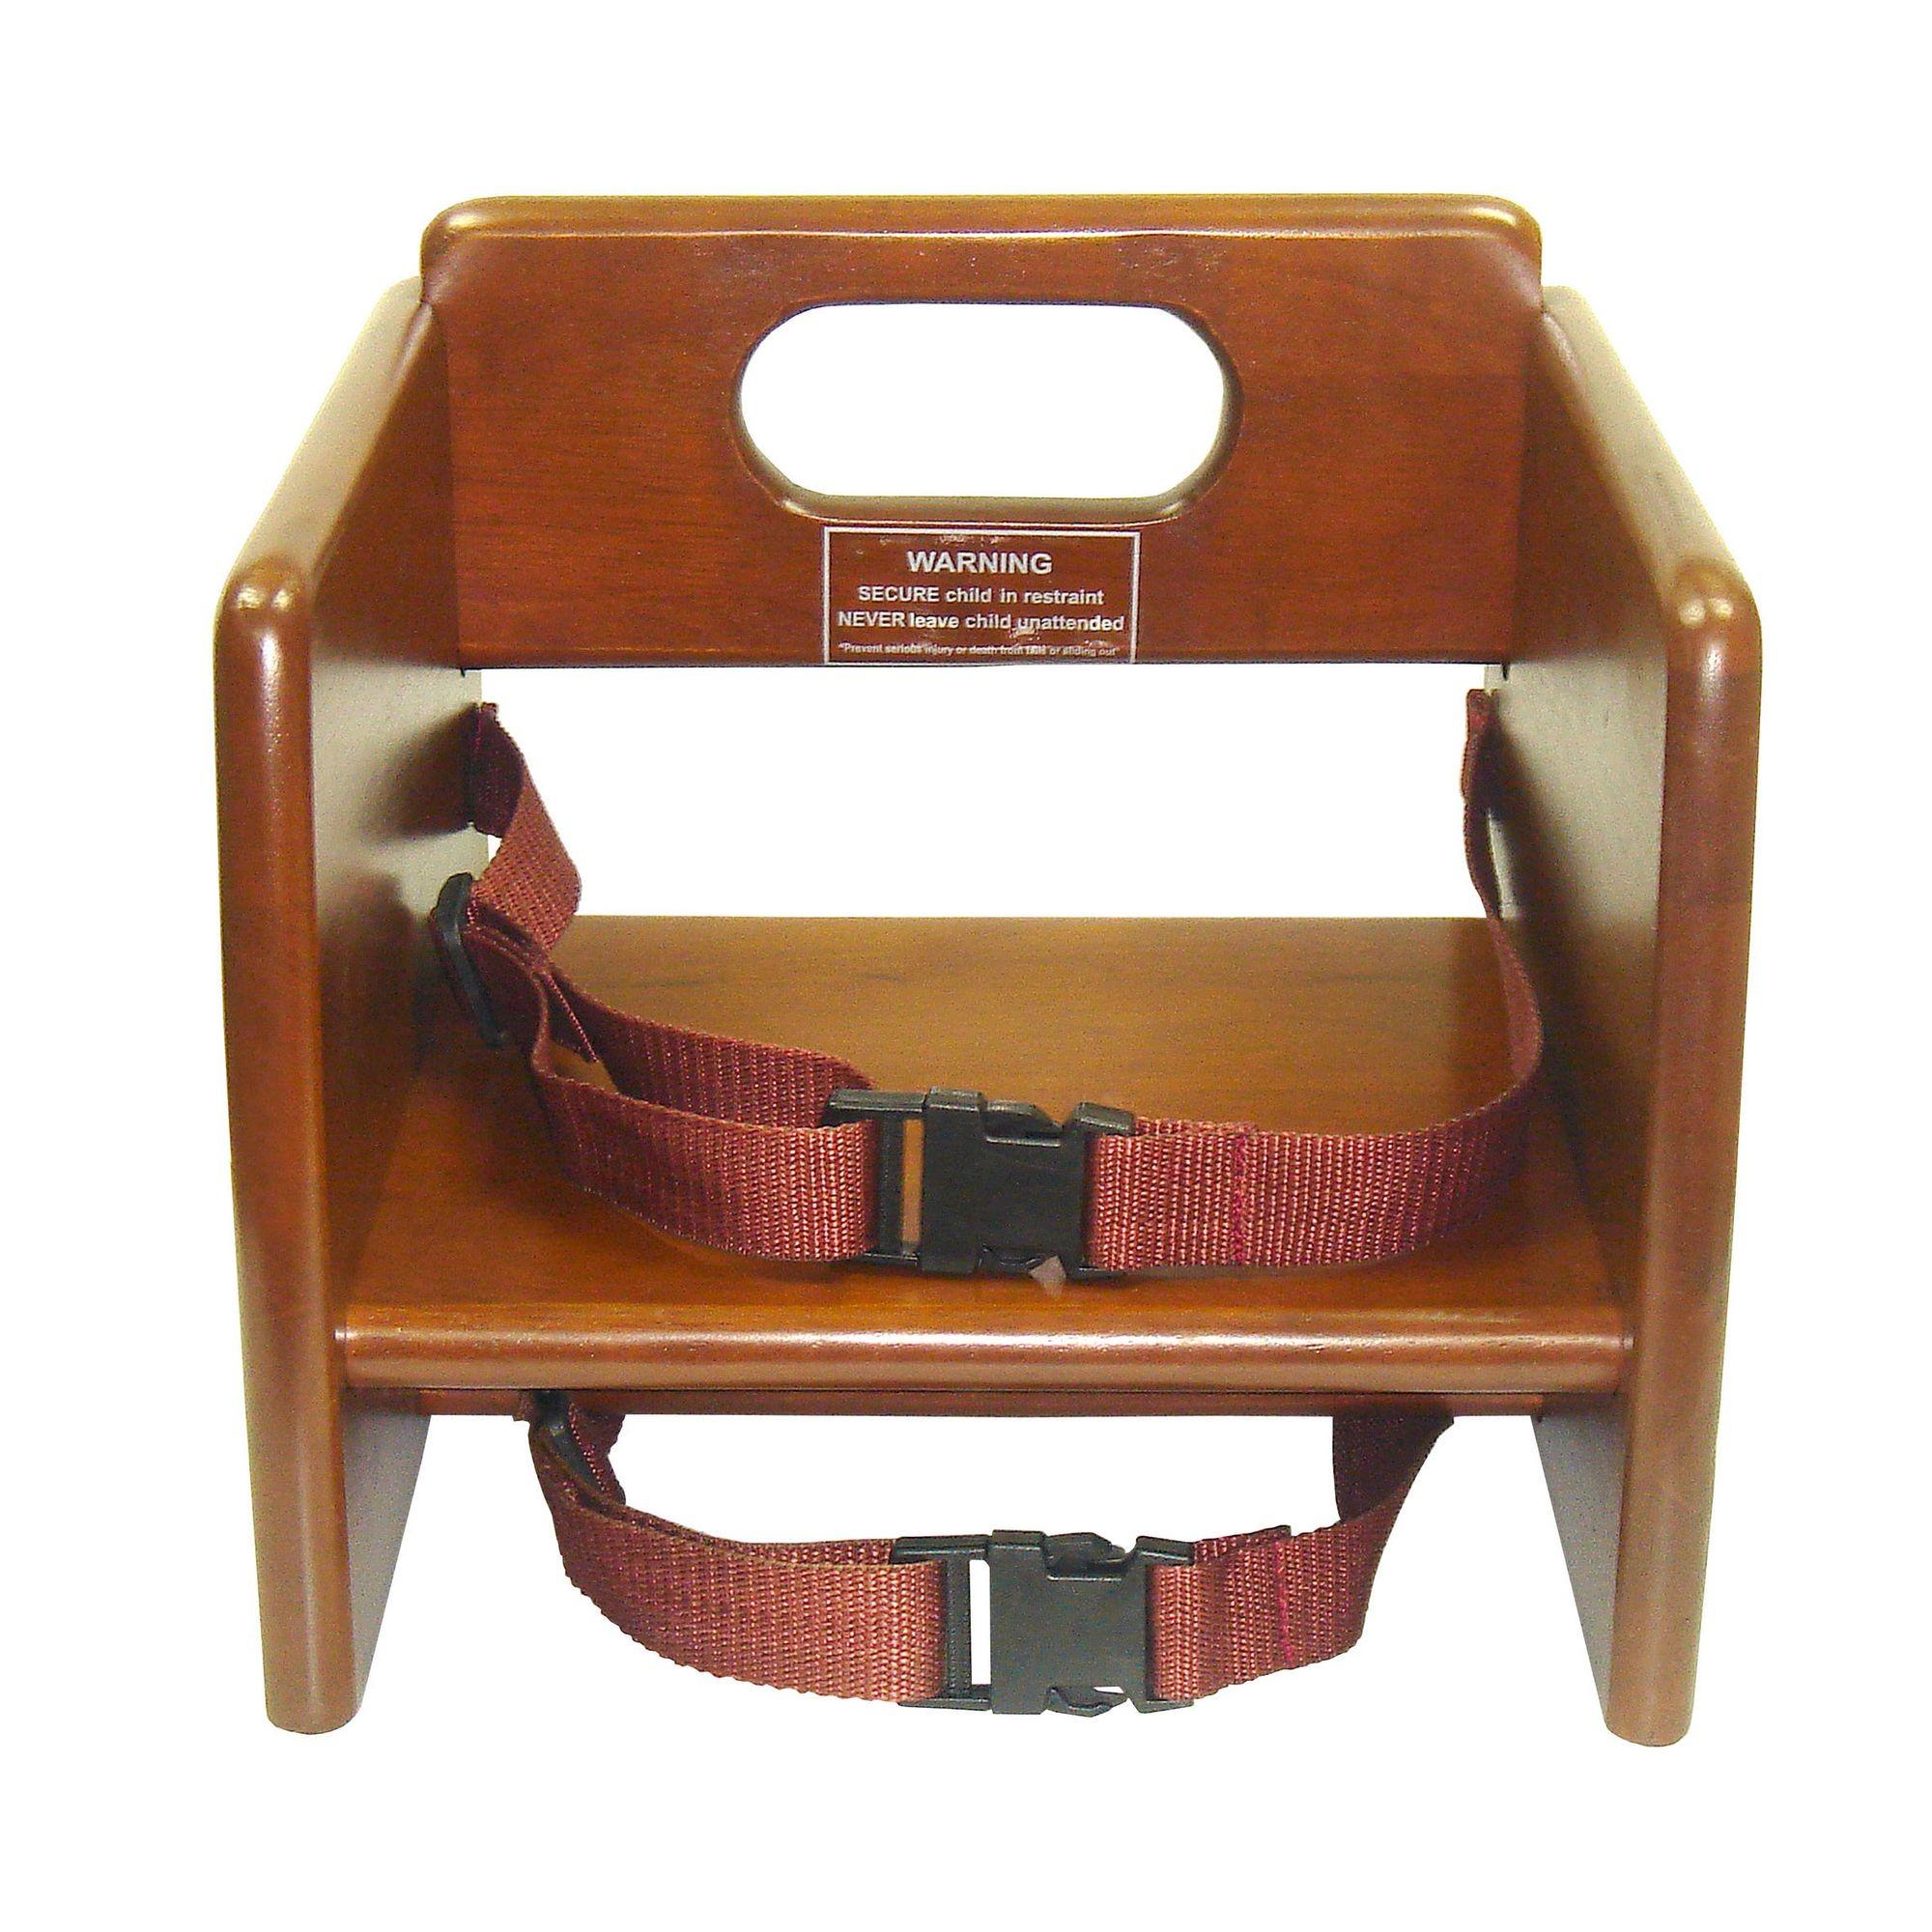 Winco CHB-704 Walnut Wood Booster Seat